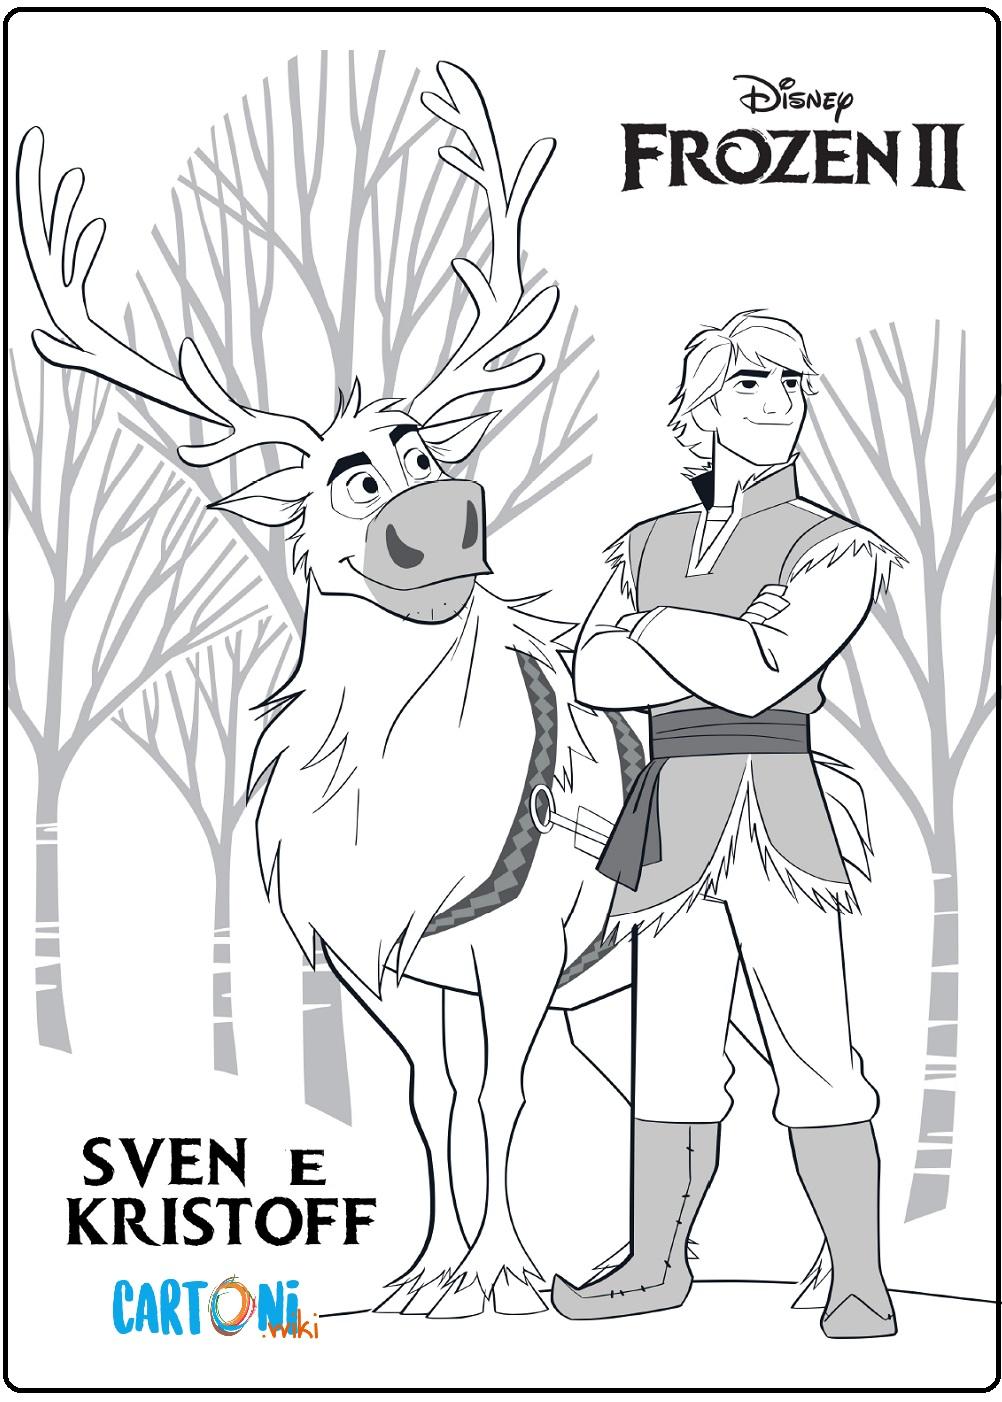 Kristoff e Sven da stampare e colorare - Cartoni animati